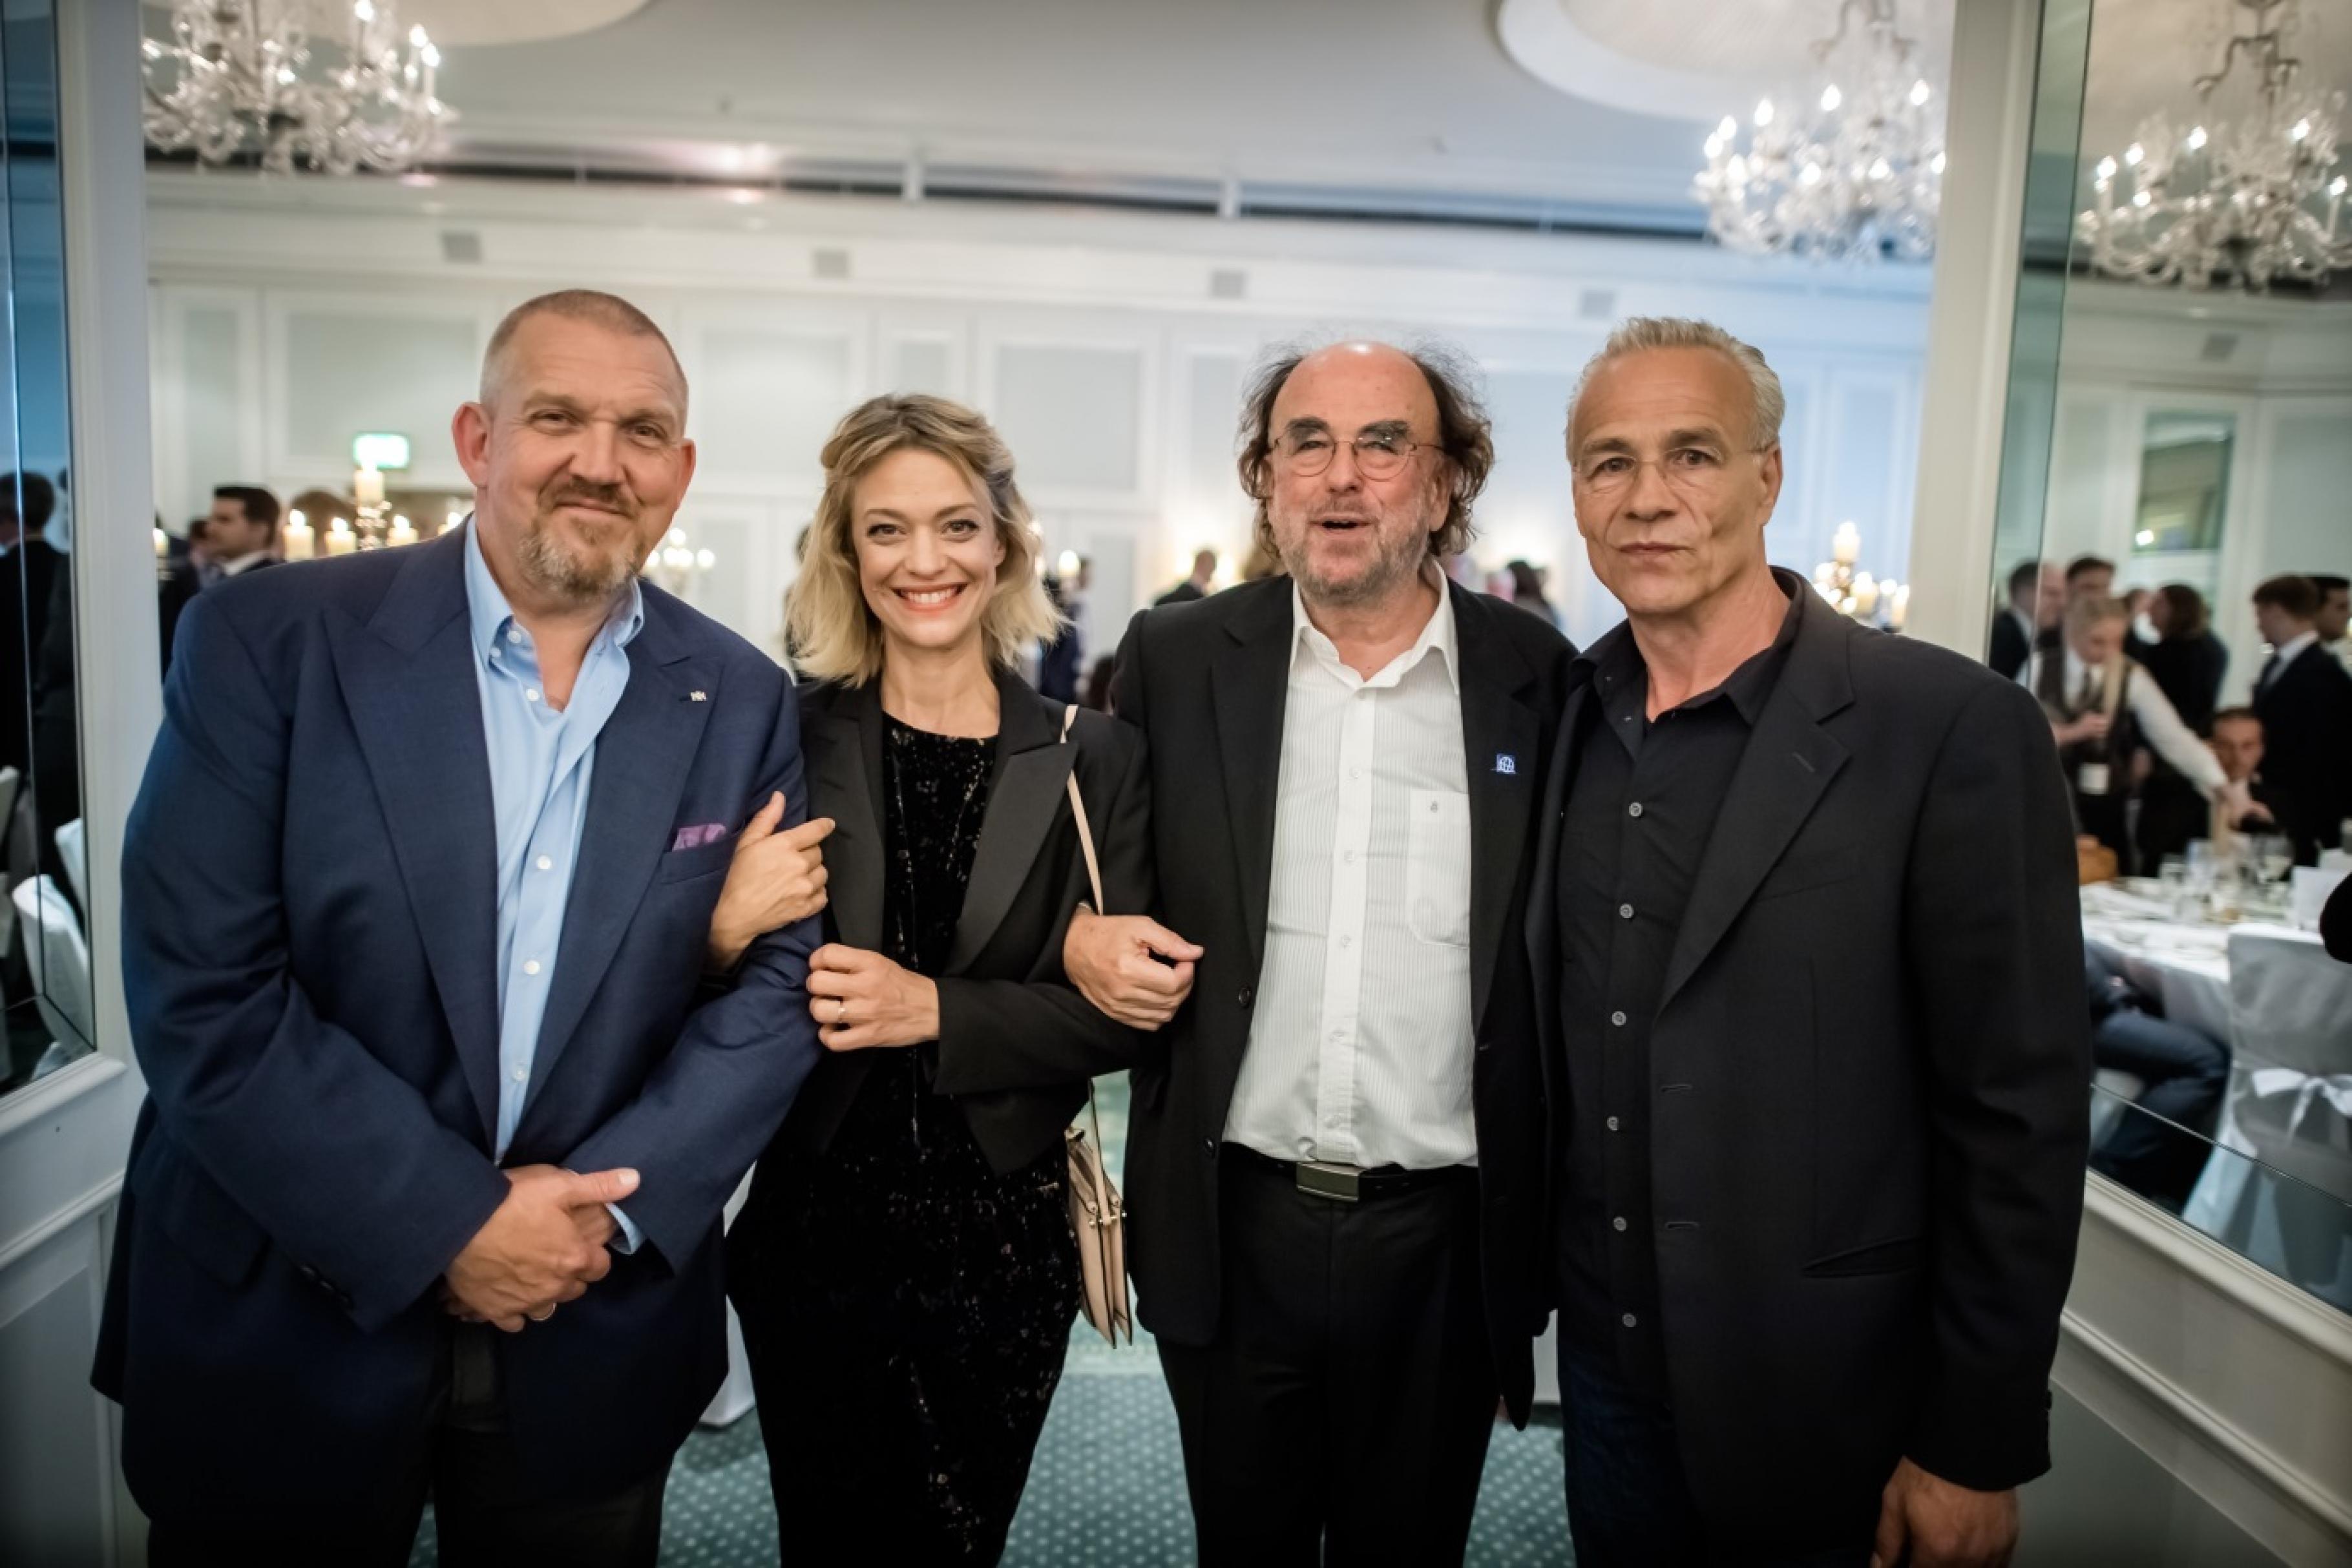 Dietmar Bär, Heike Makatsch, Alfred Platow und Klaus J. Behrendt beim Ökovision Award 2017.